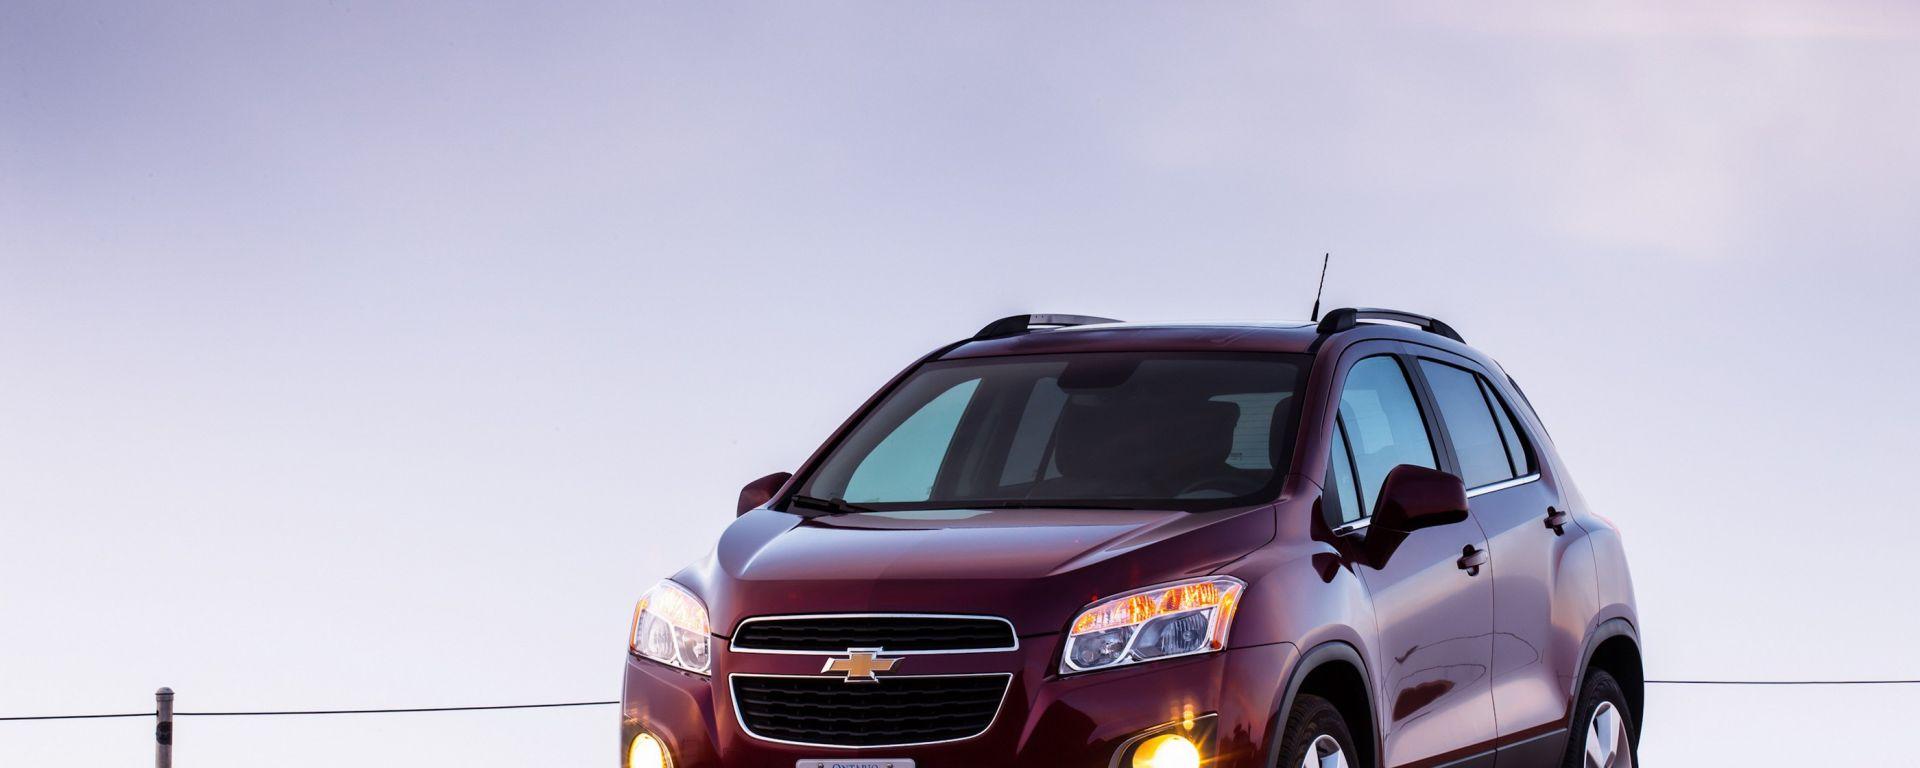 Chevrolet Trax, nuove immagini e dati